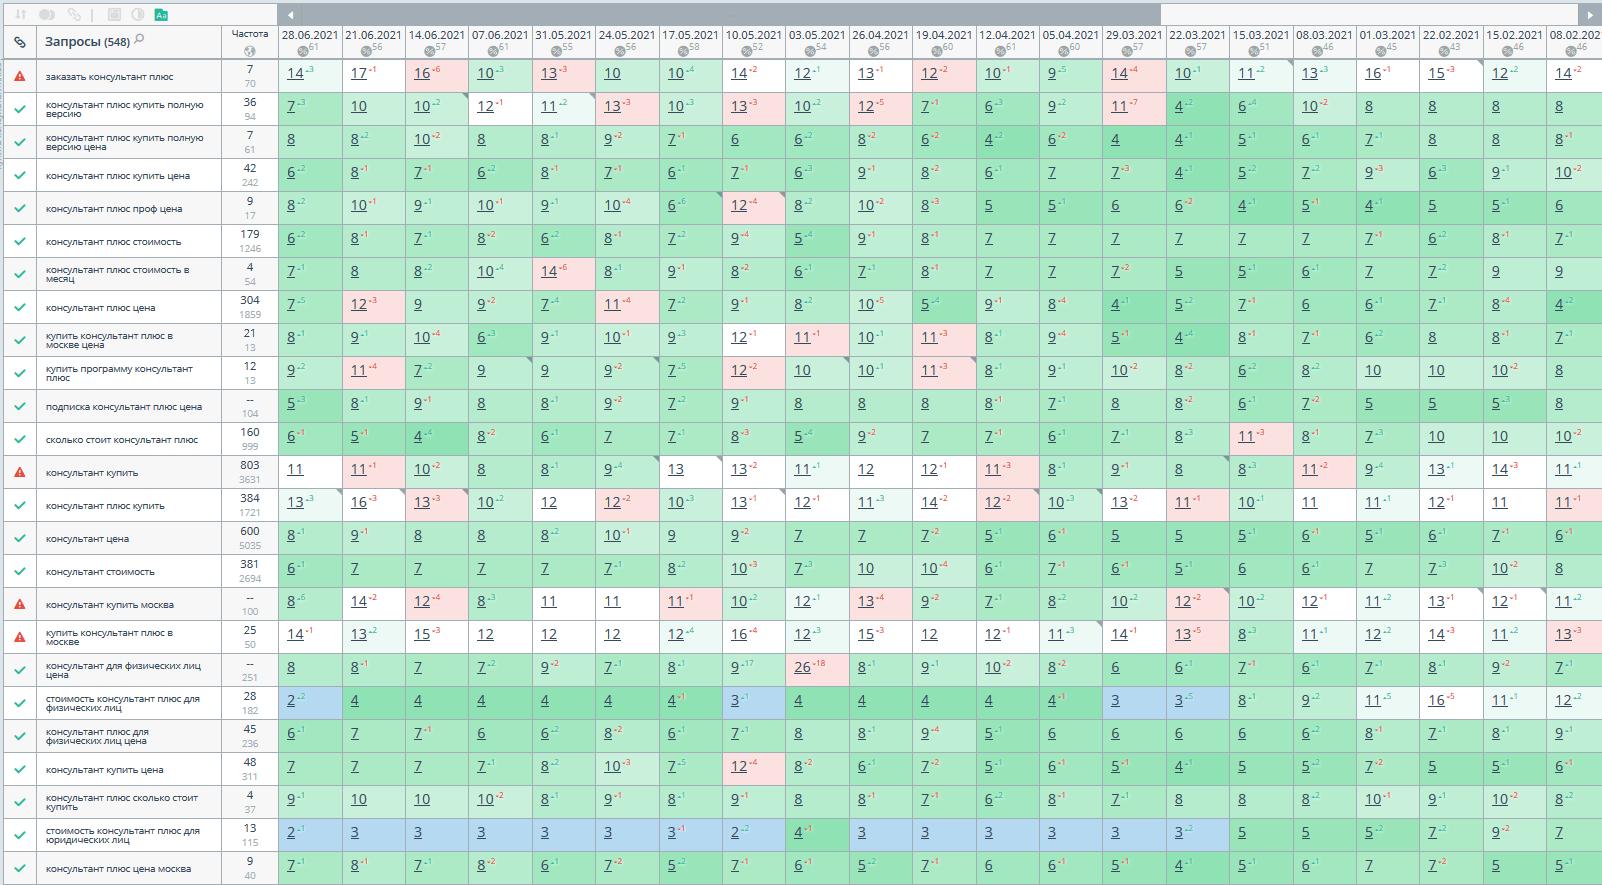 Статистика позиций в Яндексе по региону Москва